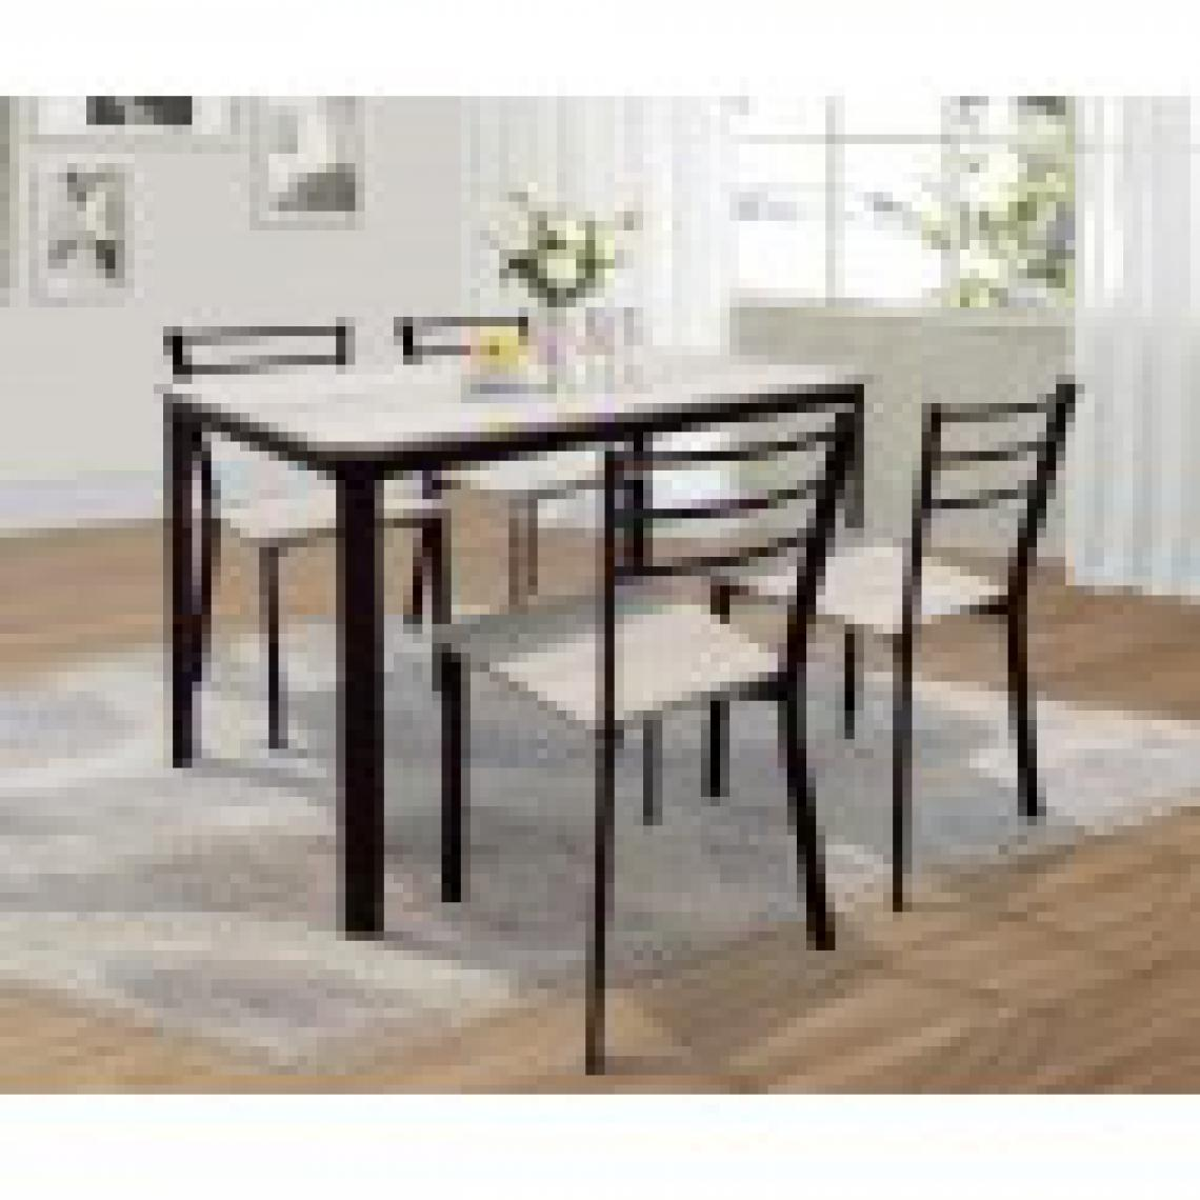 meublorama Table de cuisine et salle à manger + 4 chaises LEEDS. Ensemble repas design métal et bois.